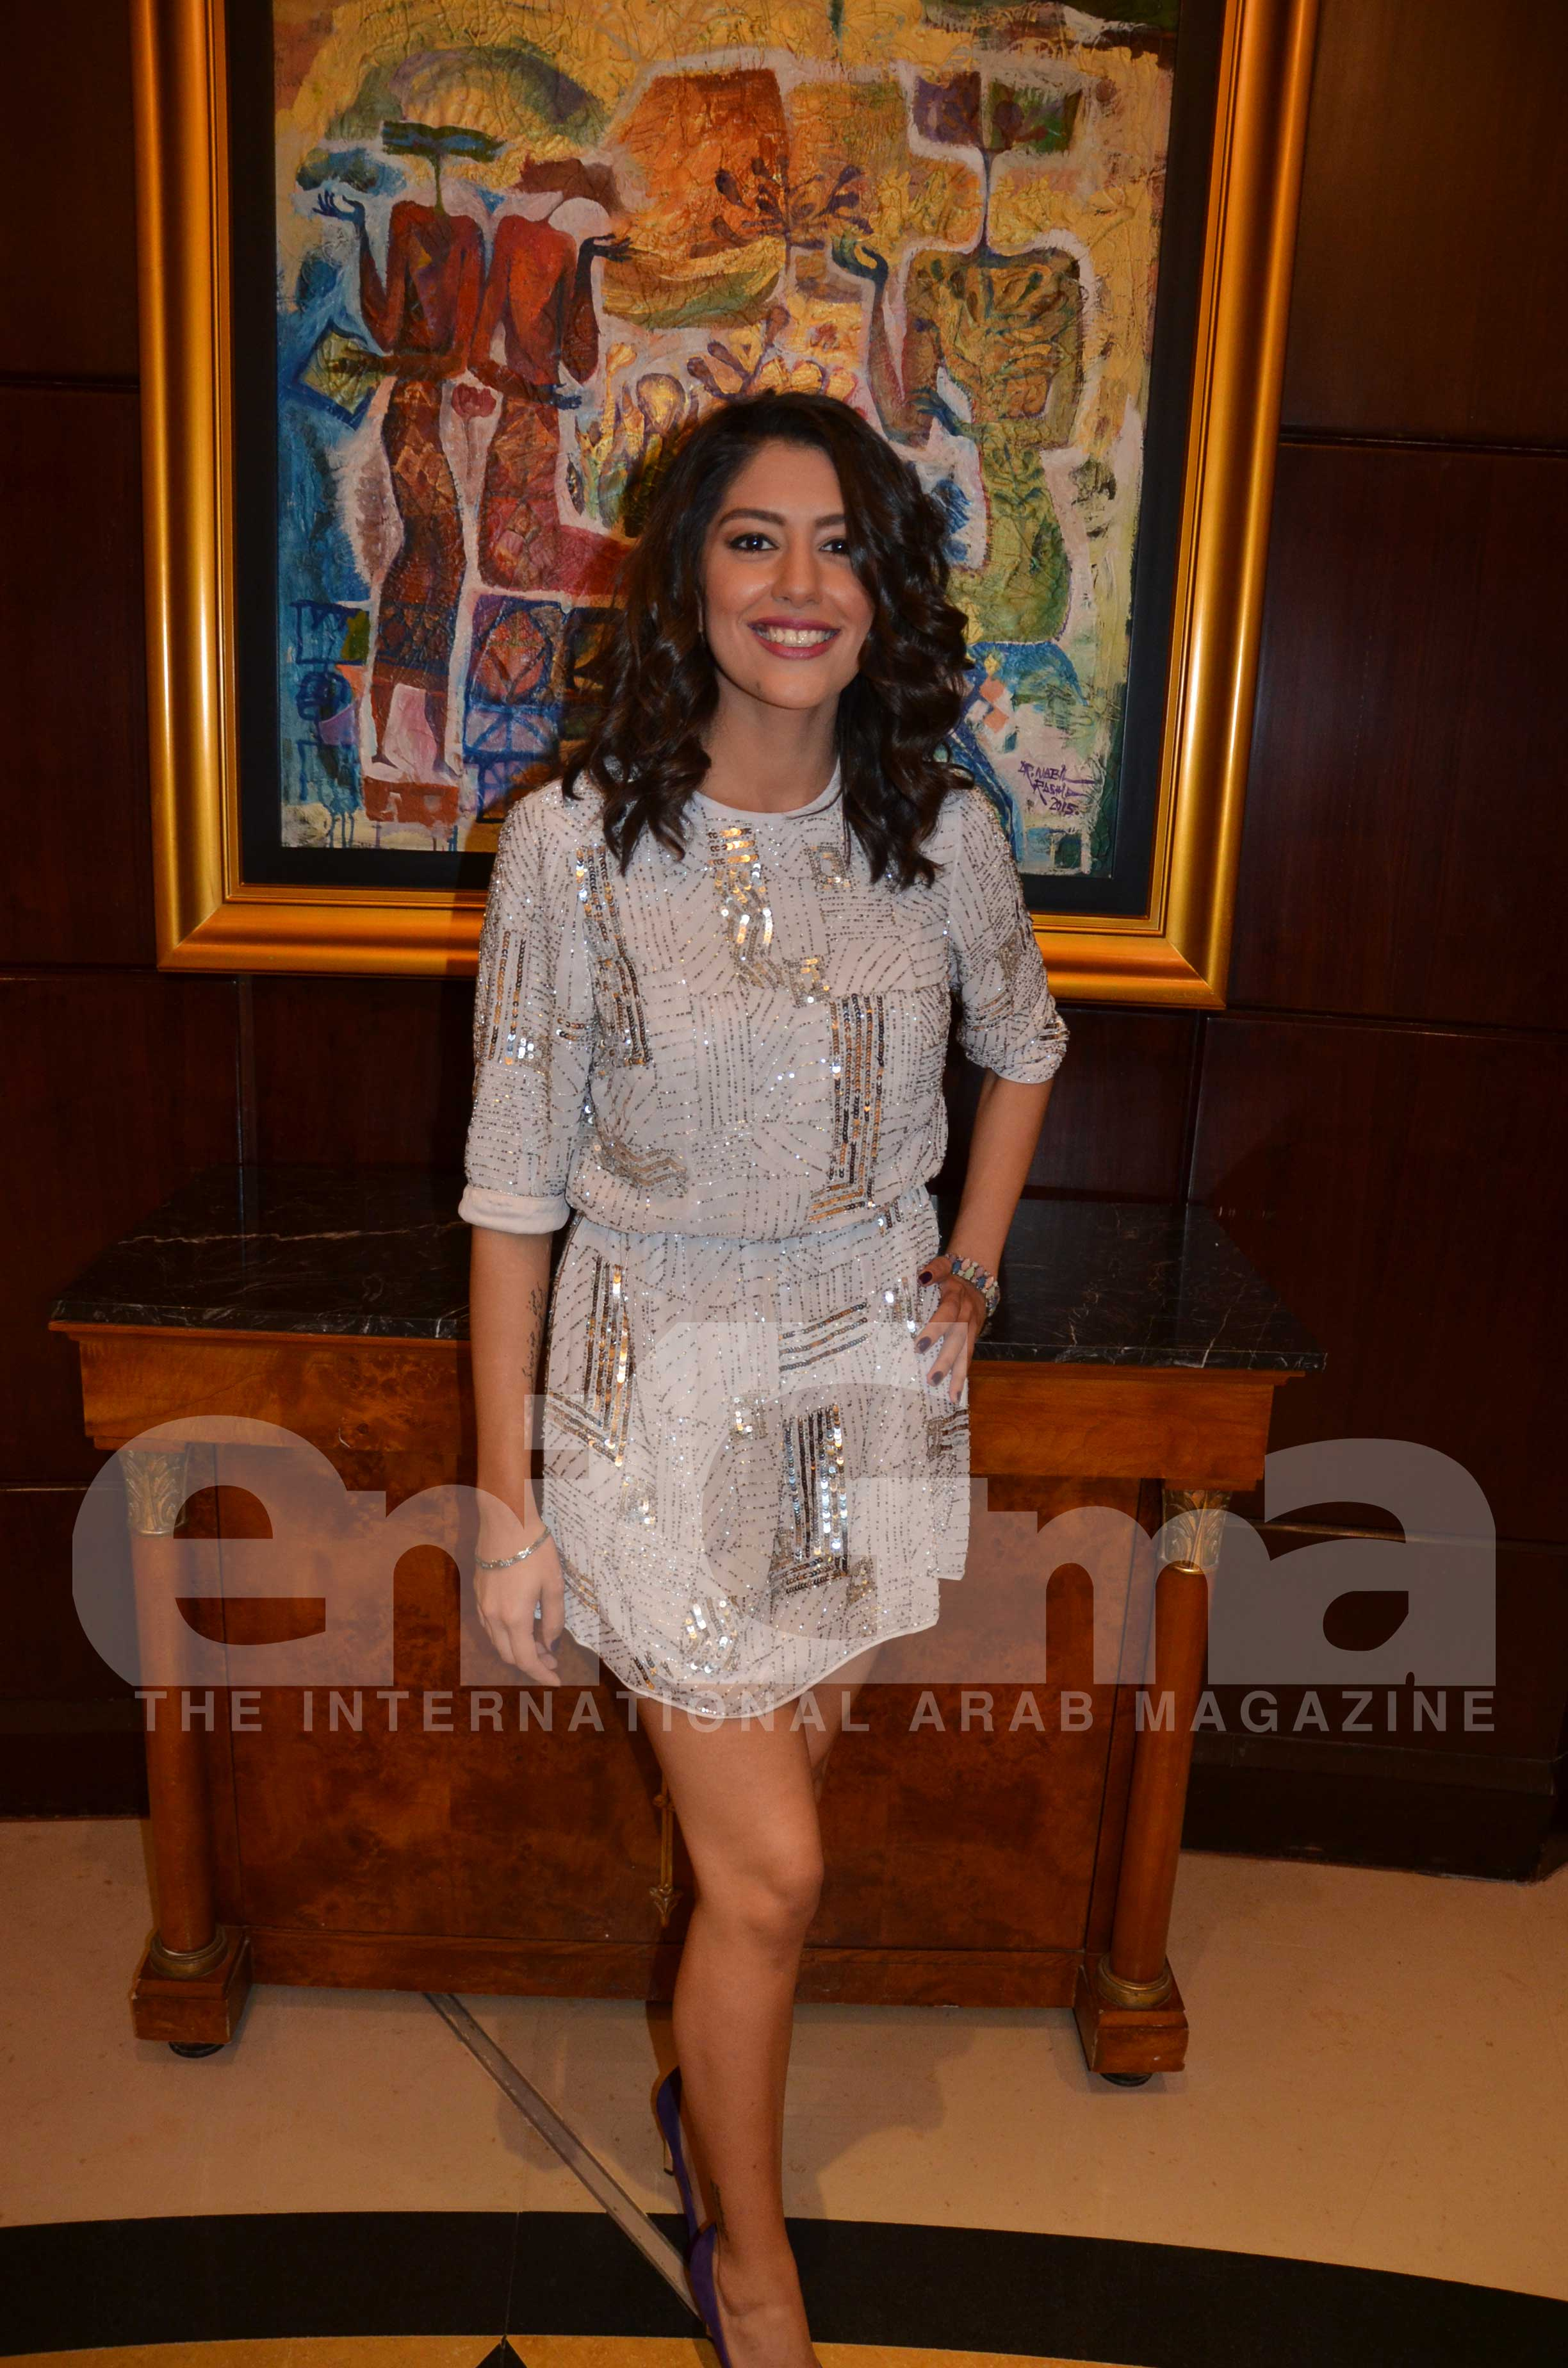 Ms. Mirna El Helbawi